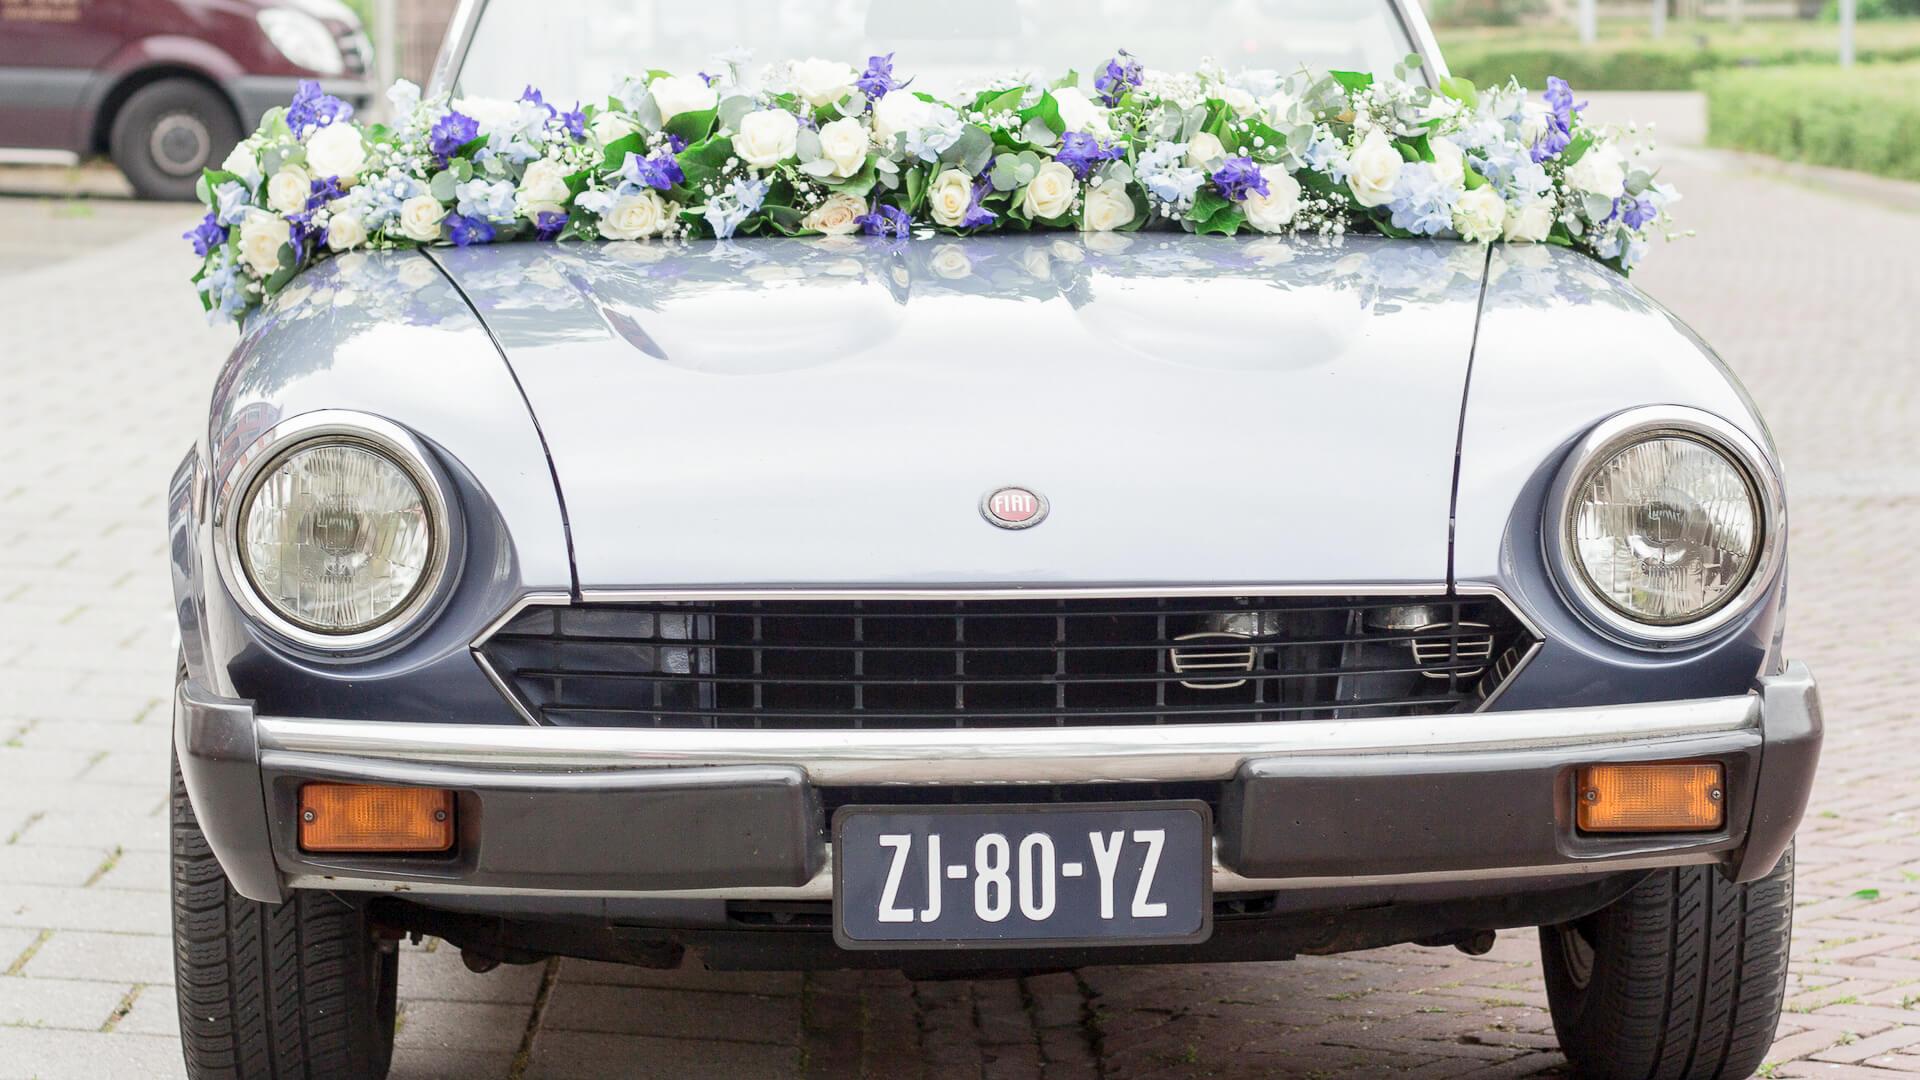 regio Groningen lijn 10, bruidswerk, trouwen, autoversiering, fotografie zuidhorn, styling, bloemen auto, autoslinger, boeket voor op de auto, auto guirlande, Zuidhorn, Lijn 10